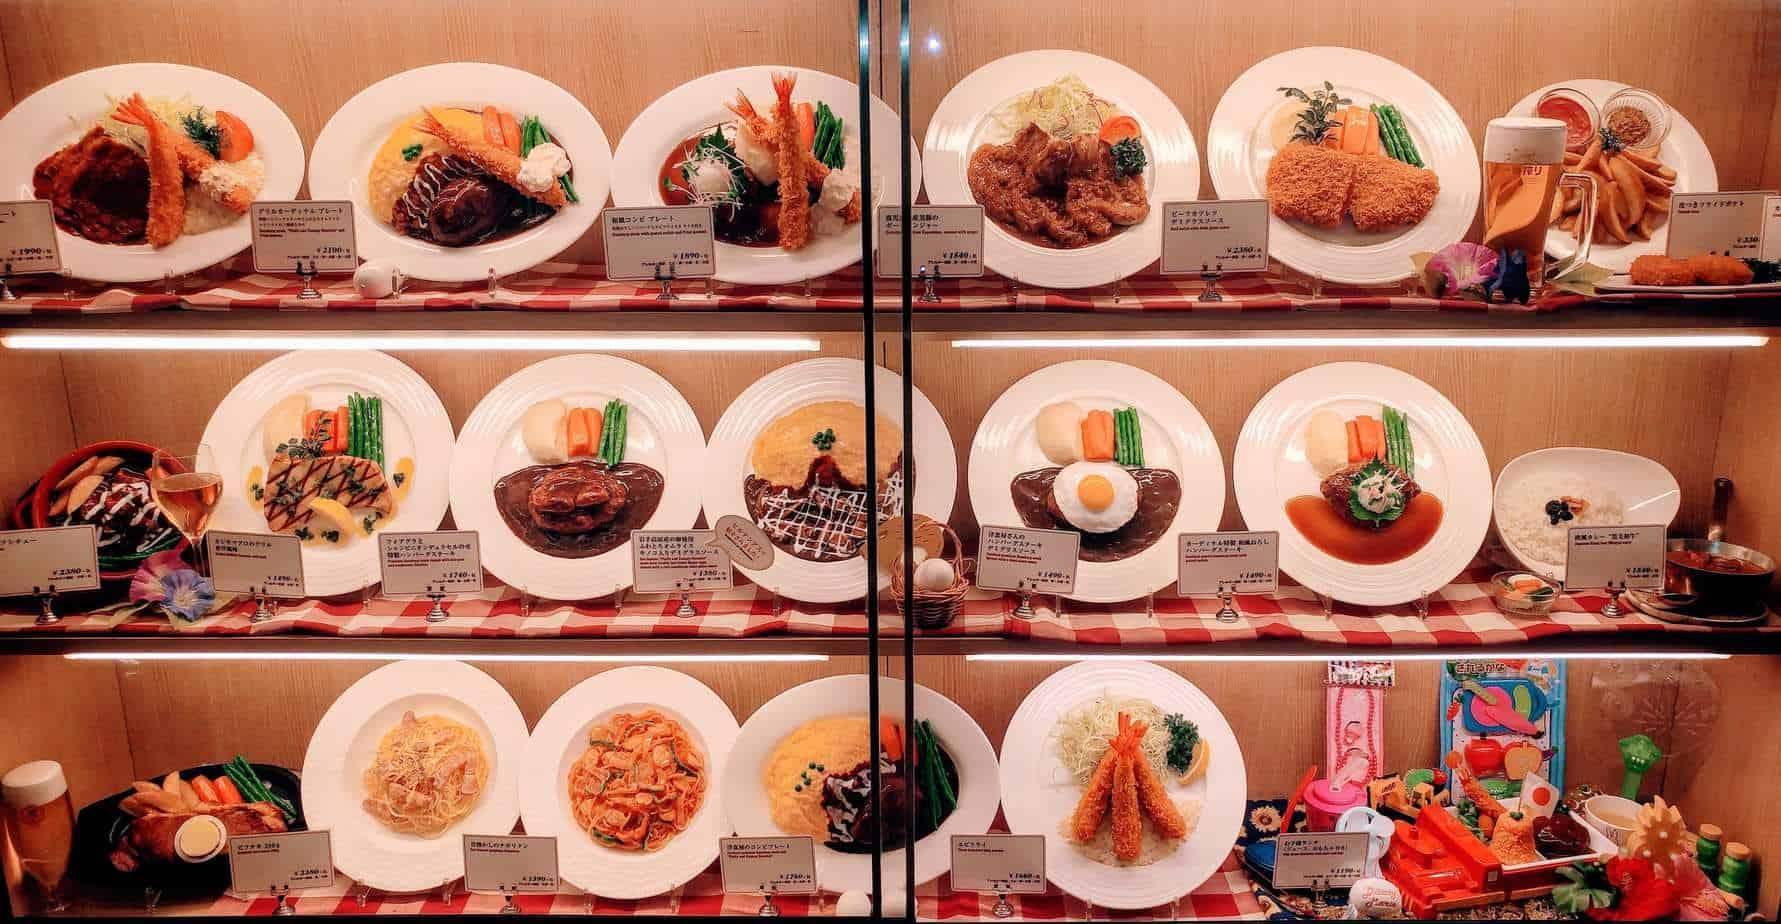 טוקיו עם ילדים - אוכל בחלונות של המסעדות